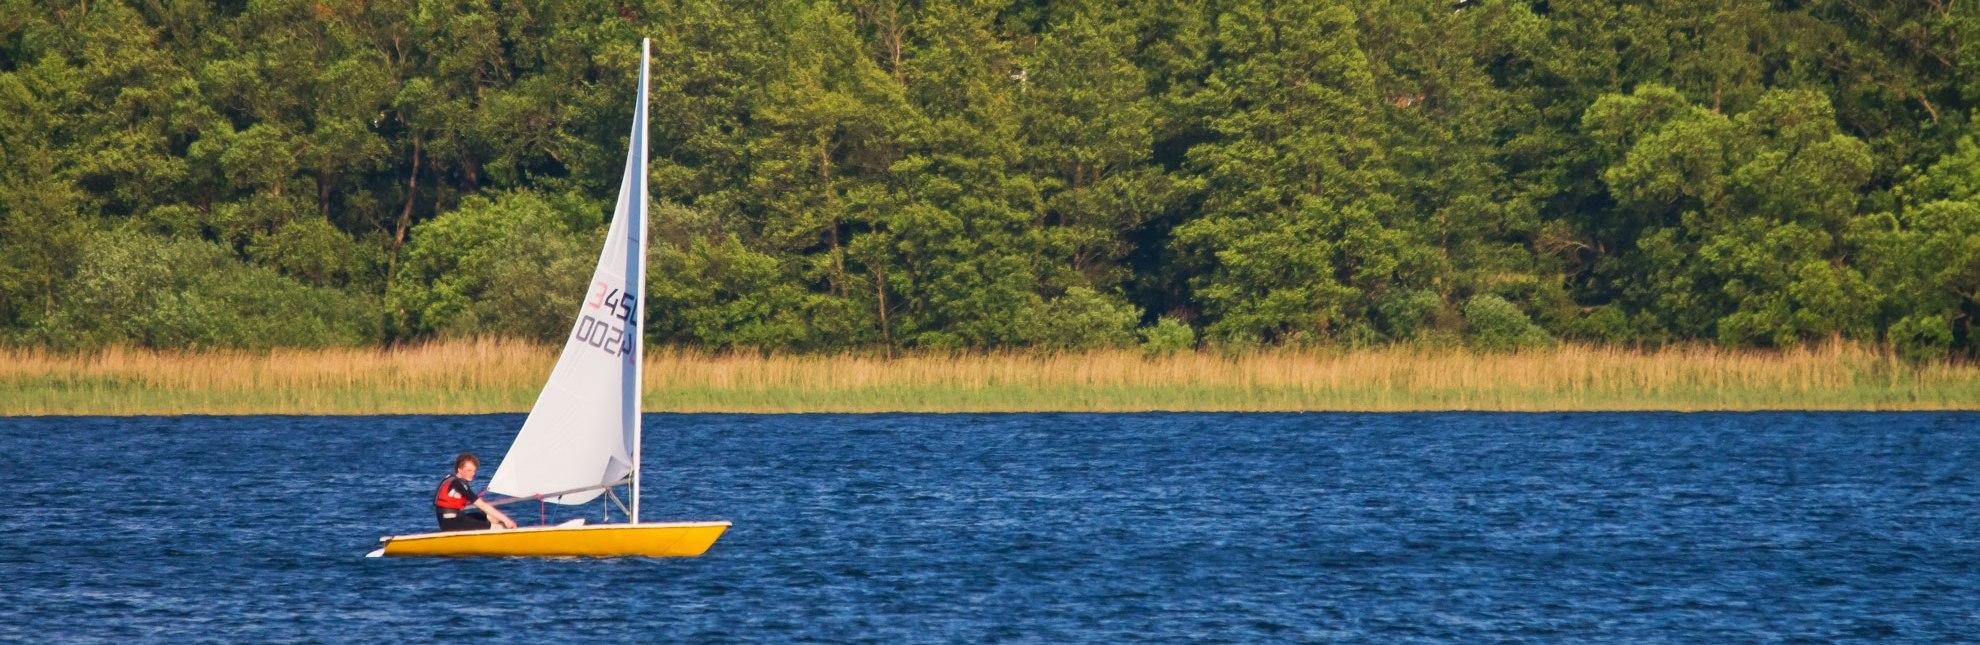 Das Revier dieses Seglers ist der Ratzeburger See., © Thomas Ebelt / HLMS GmbH